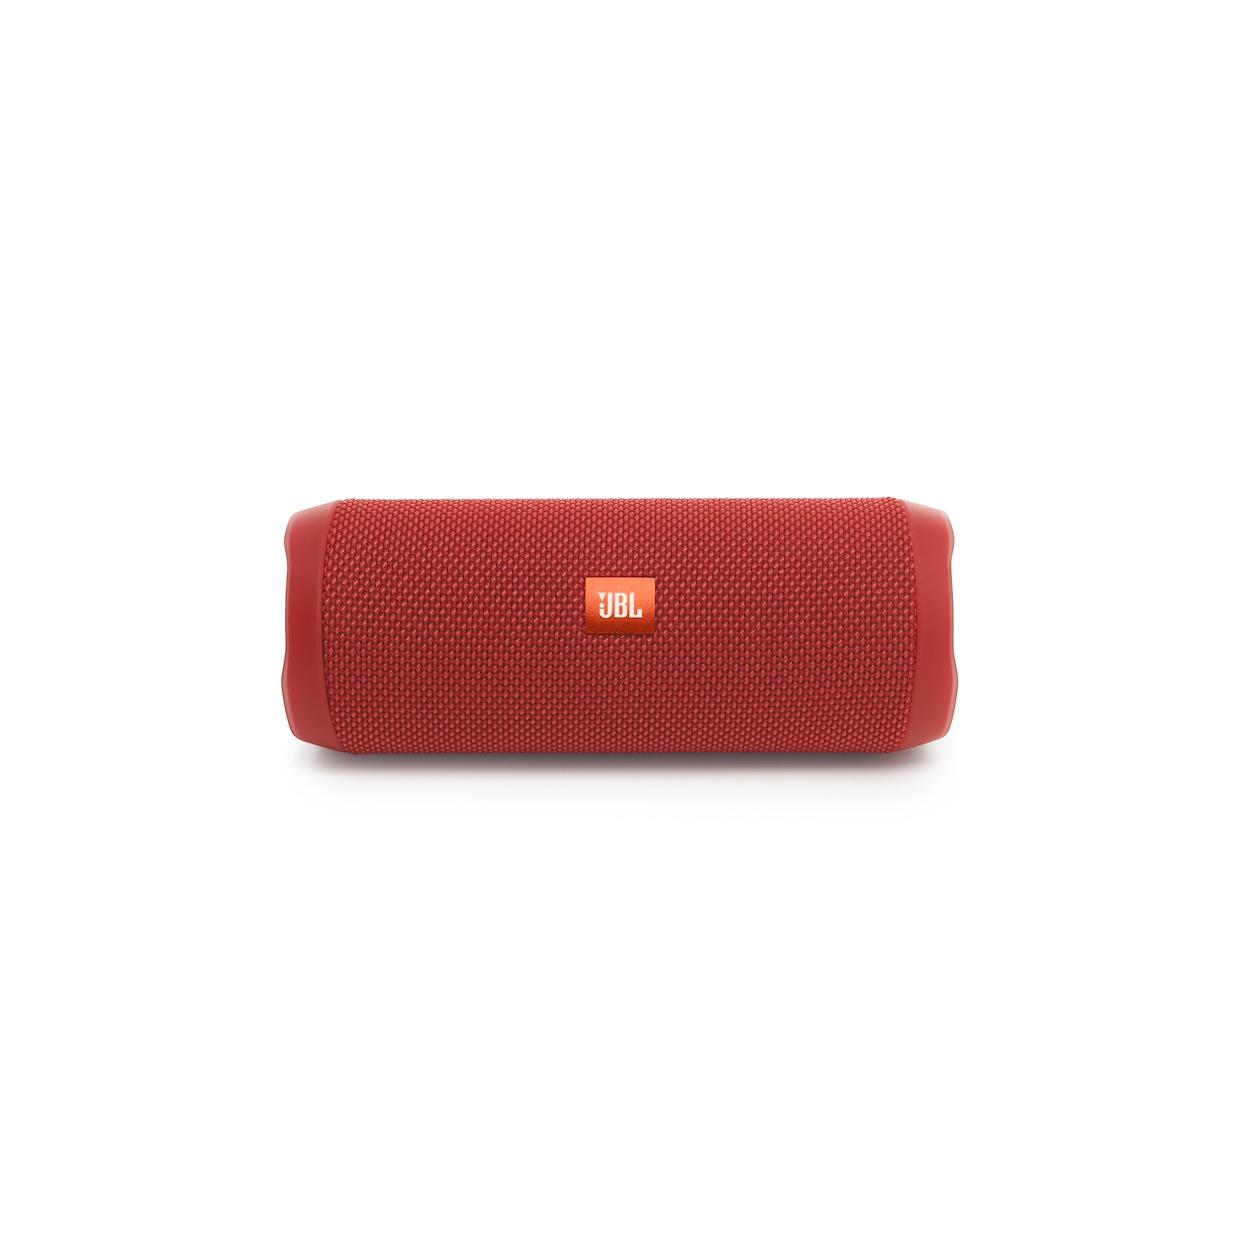 JBL bluetooth speaker Flip 4 rood